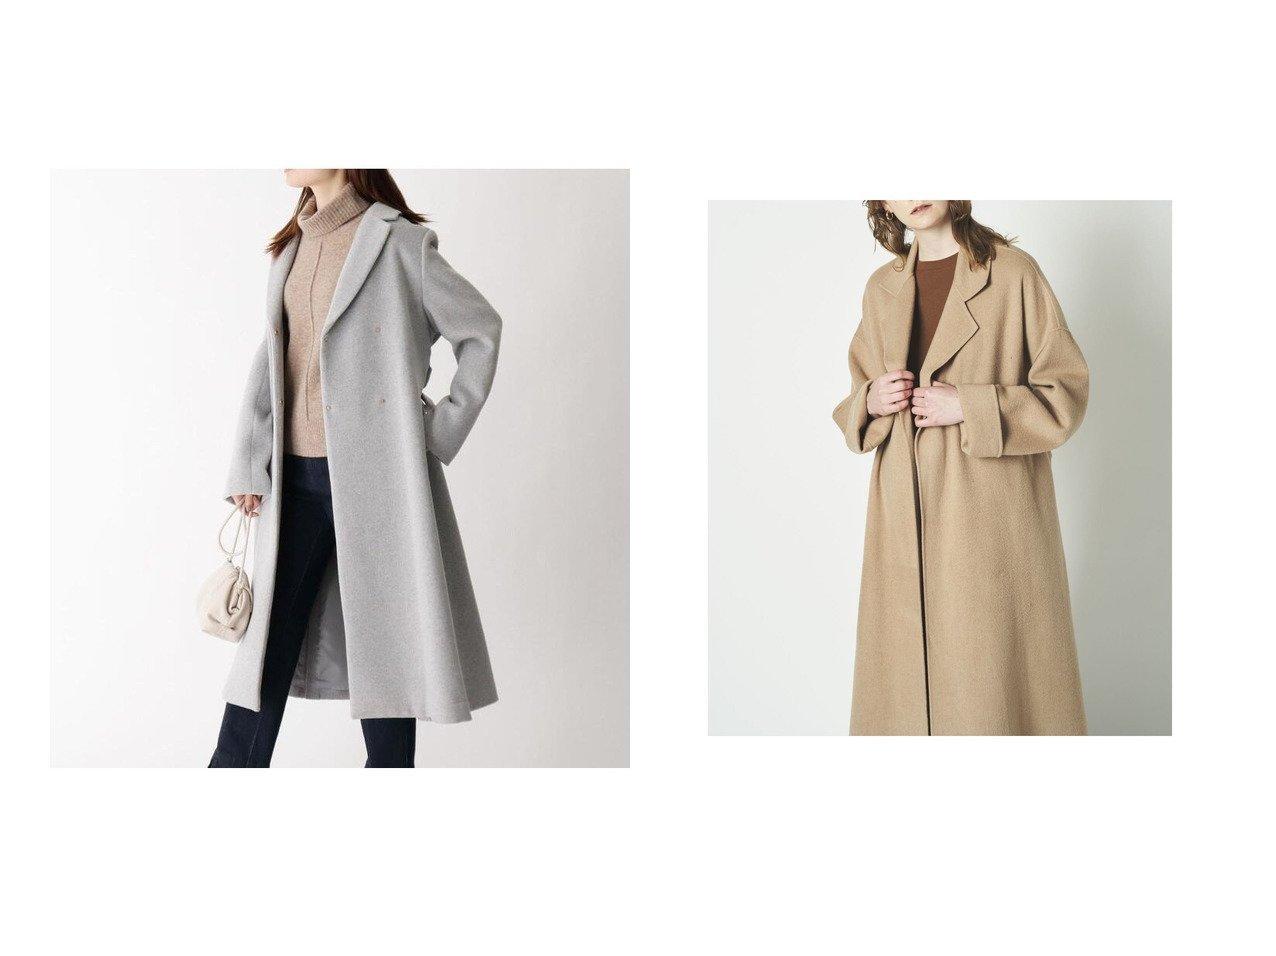 【OPAQUE.CLIP/オペークドットクリップ】のベルト付きガウンコート&【N.O.R.C/ノーク】のウールリバーBIGチェスターコート アウターのおすすめ!人気、レディースファッションの通販  おすすめで人気のファッション通販商品 インテリア・家具・キッズファッション・メンズファッション・レディースファッション・服の通販 founy(ファニー) https://founy.com/ ファッション Fashion レディース WOMEN アウター Coat Outerwear コート Coats チェスターコート Top Coat ベルト Belts ガウン チェスターコート フロント リボン カラフル ループ 定番 |ID:crp329100000004183